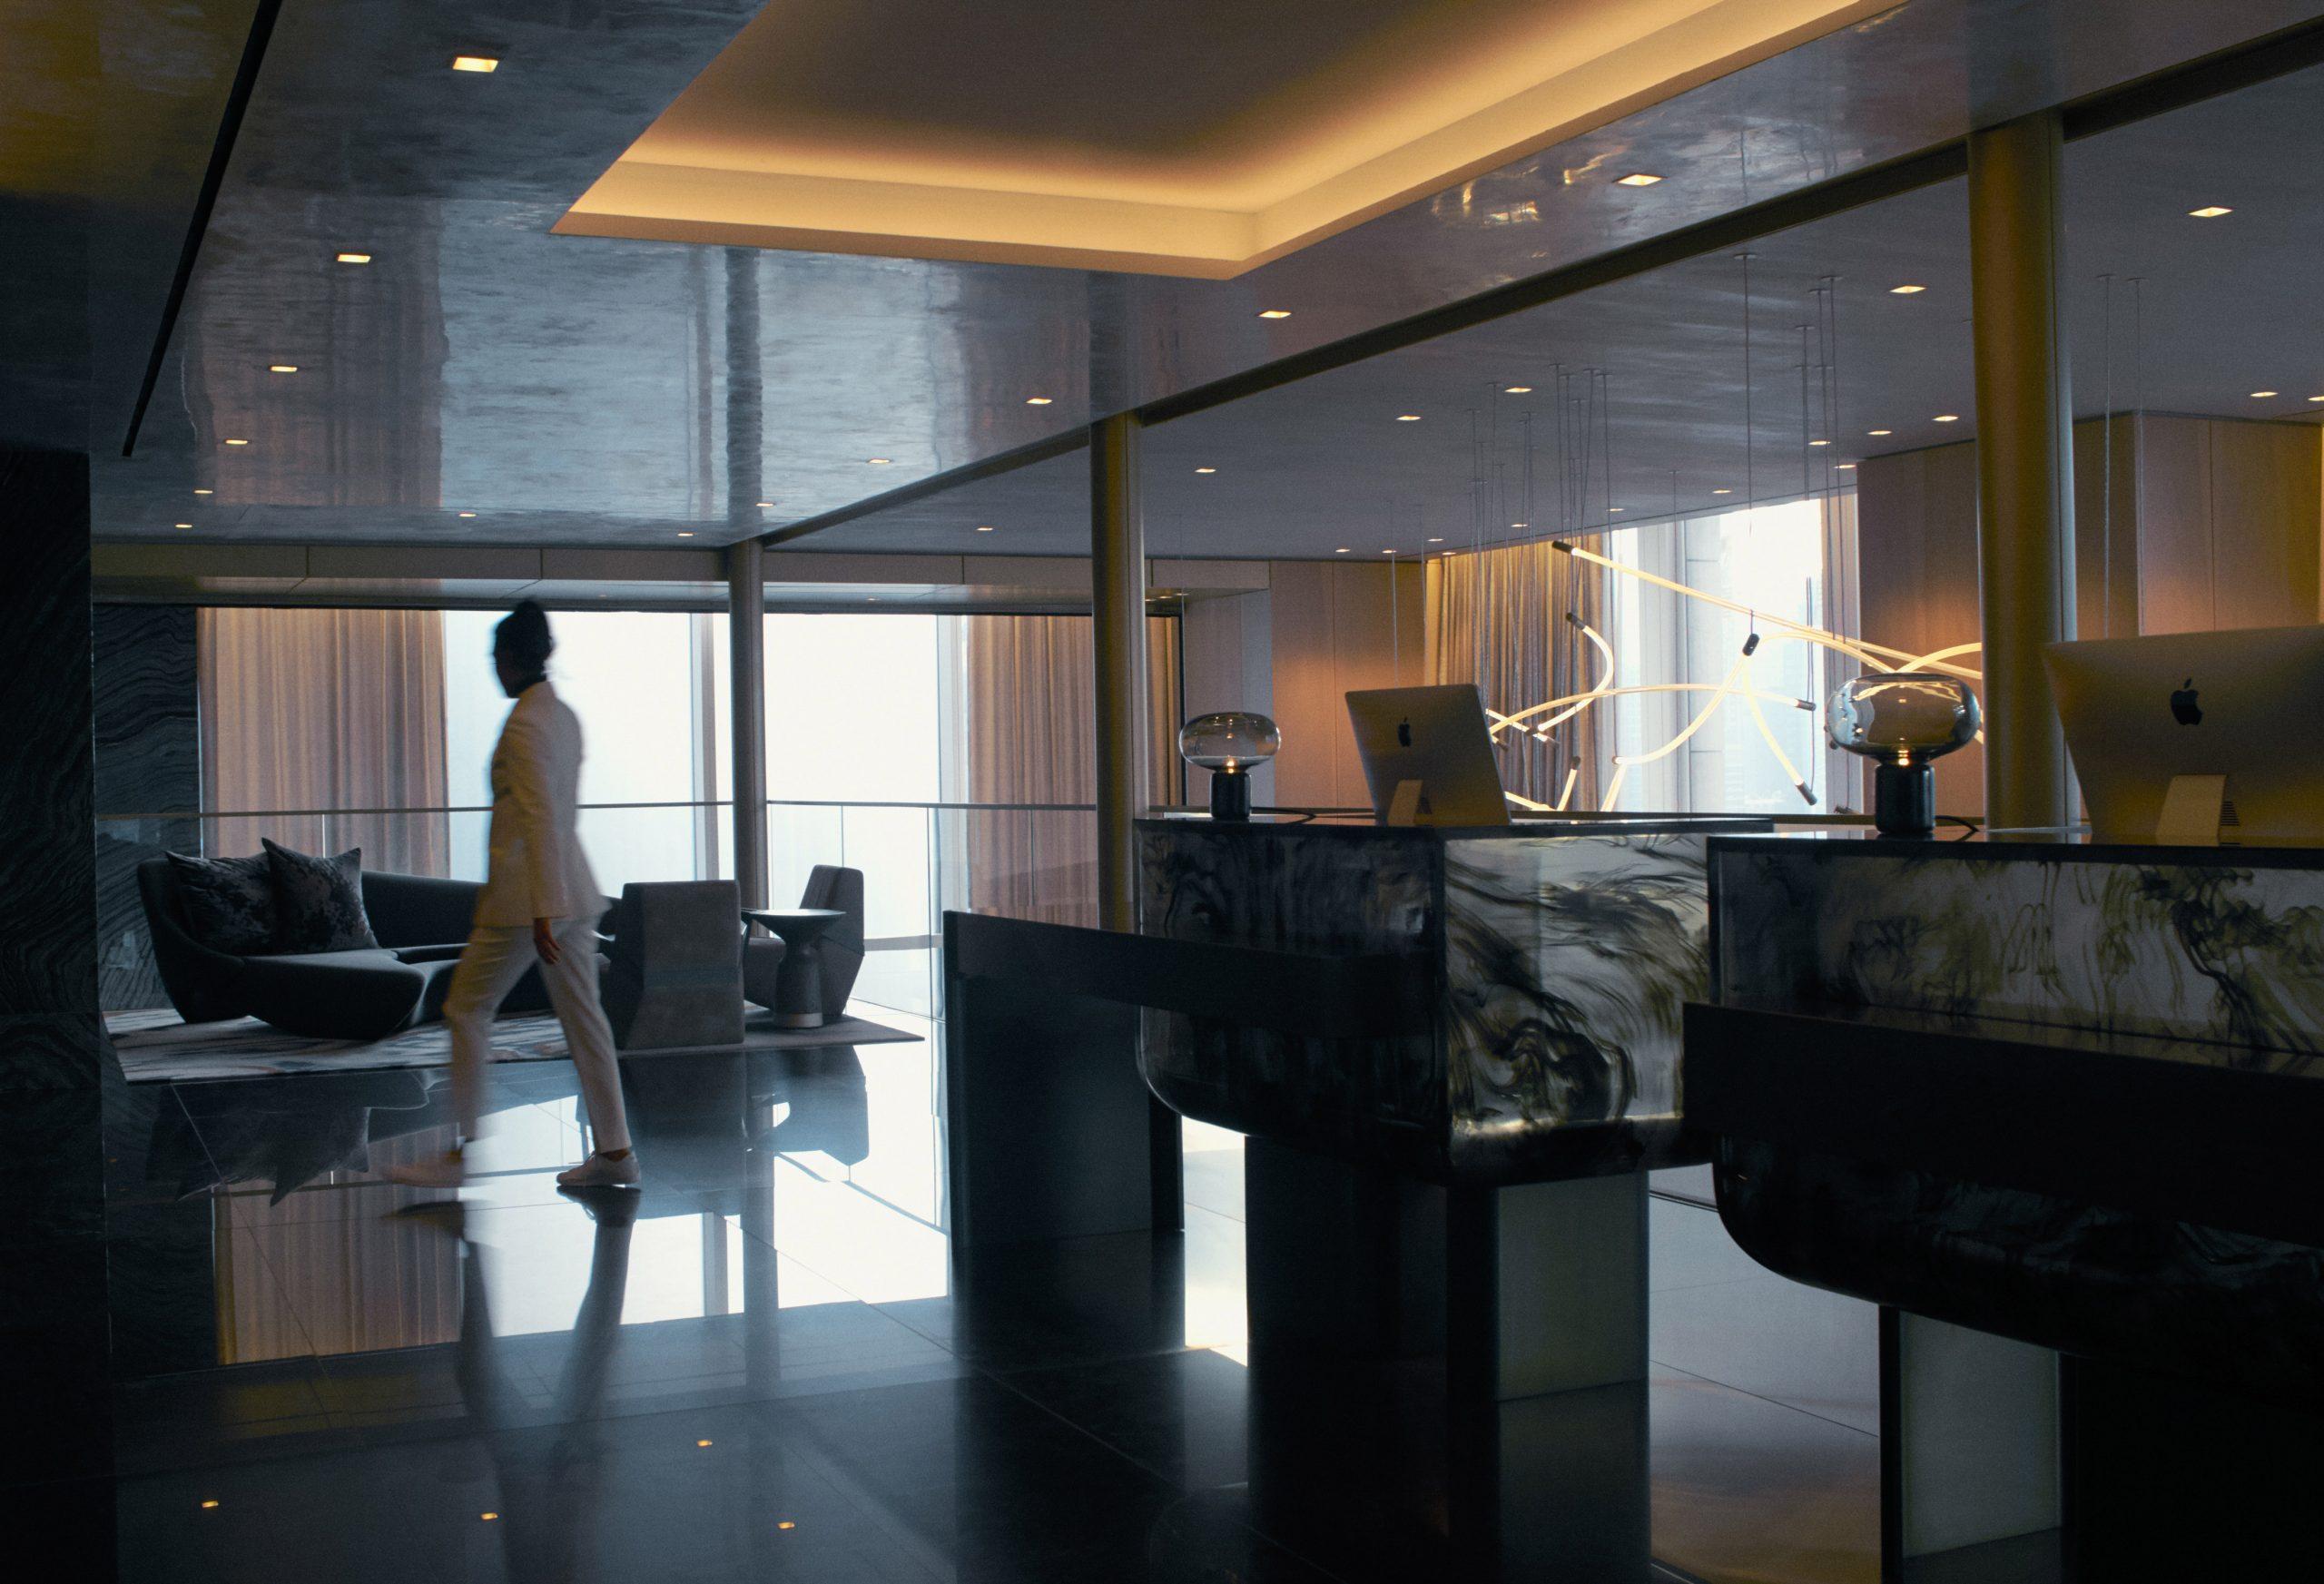 equinox hotel sky lobby